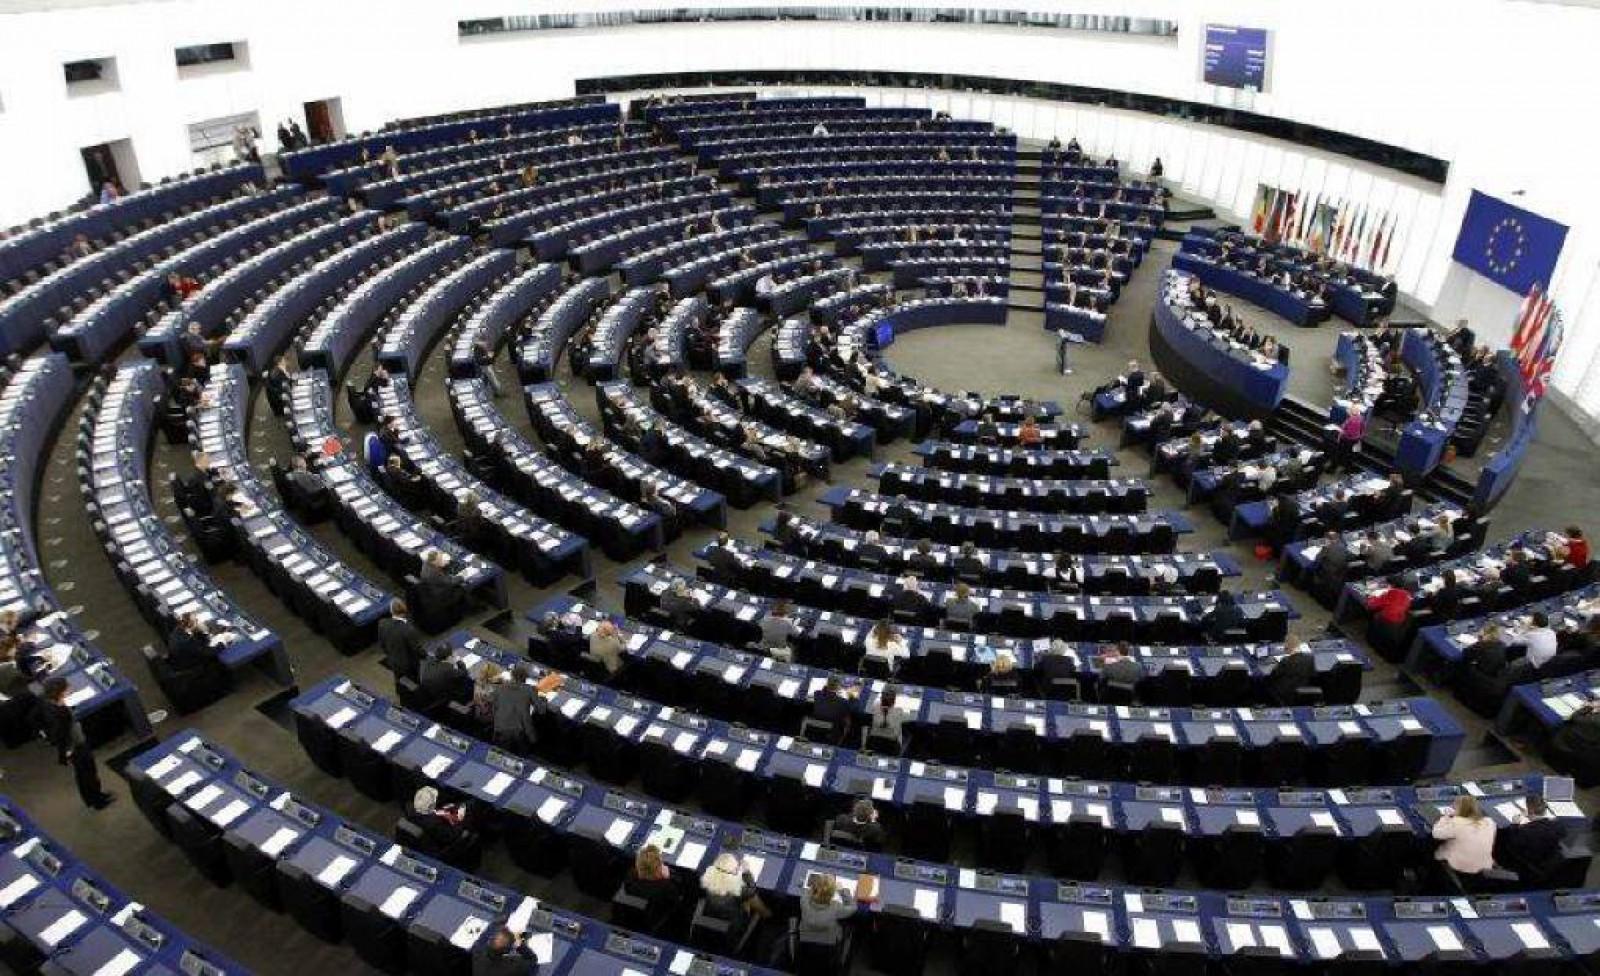 (doc) Ce prevede Rezoluția Parlamentului European referitoare la criza politică din Moldova ca urmare a invalidării alegerilor locale de la Chișinău